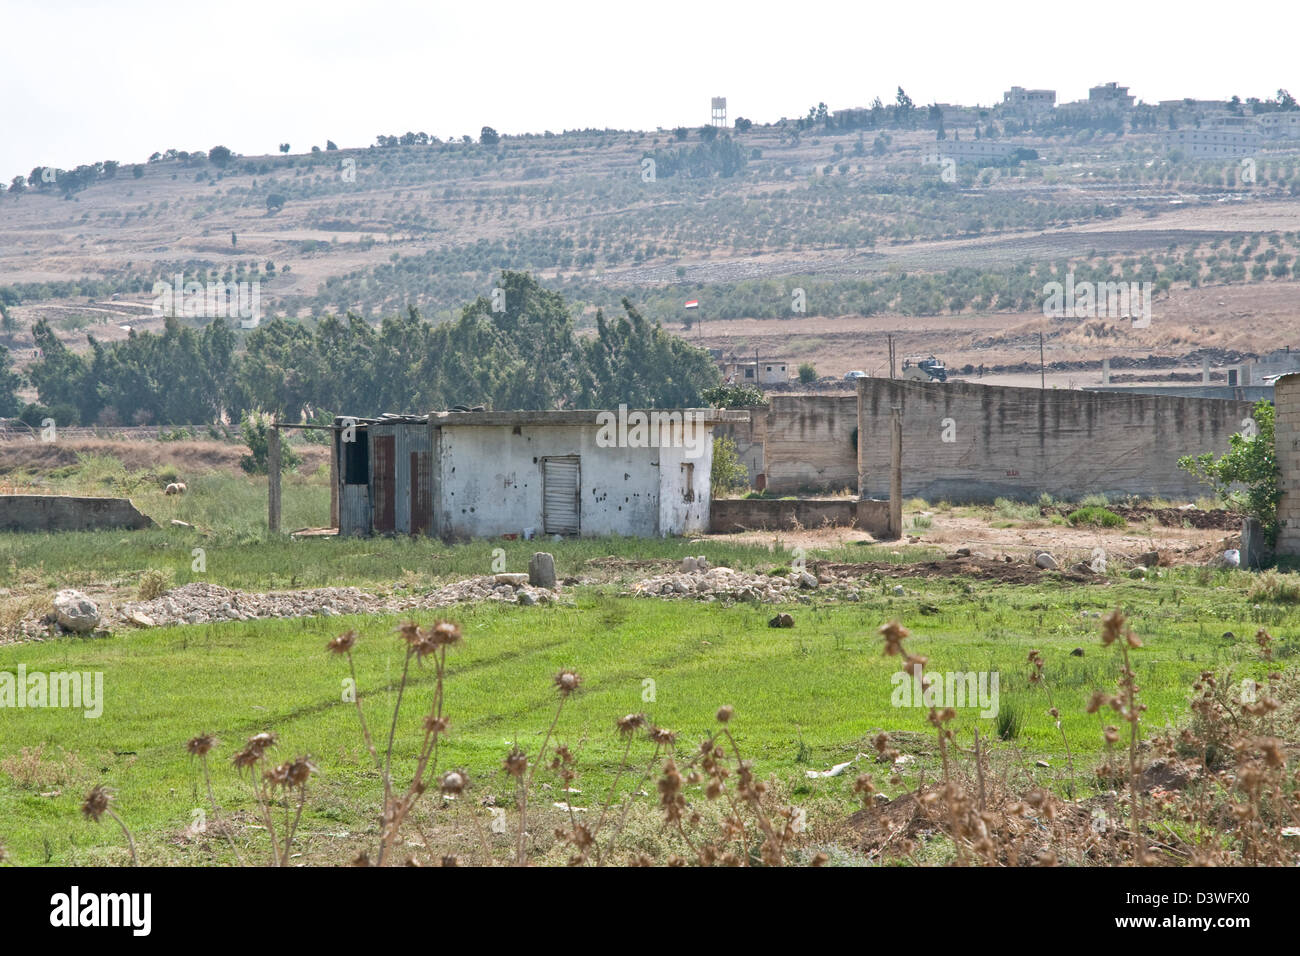 Cabañas de concreto en el norte de la región libanesa de Wadi Khaled, situada a pocos metros de la frontera Imagen De Stock